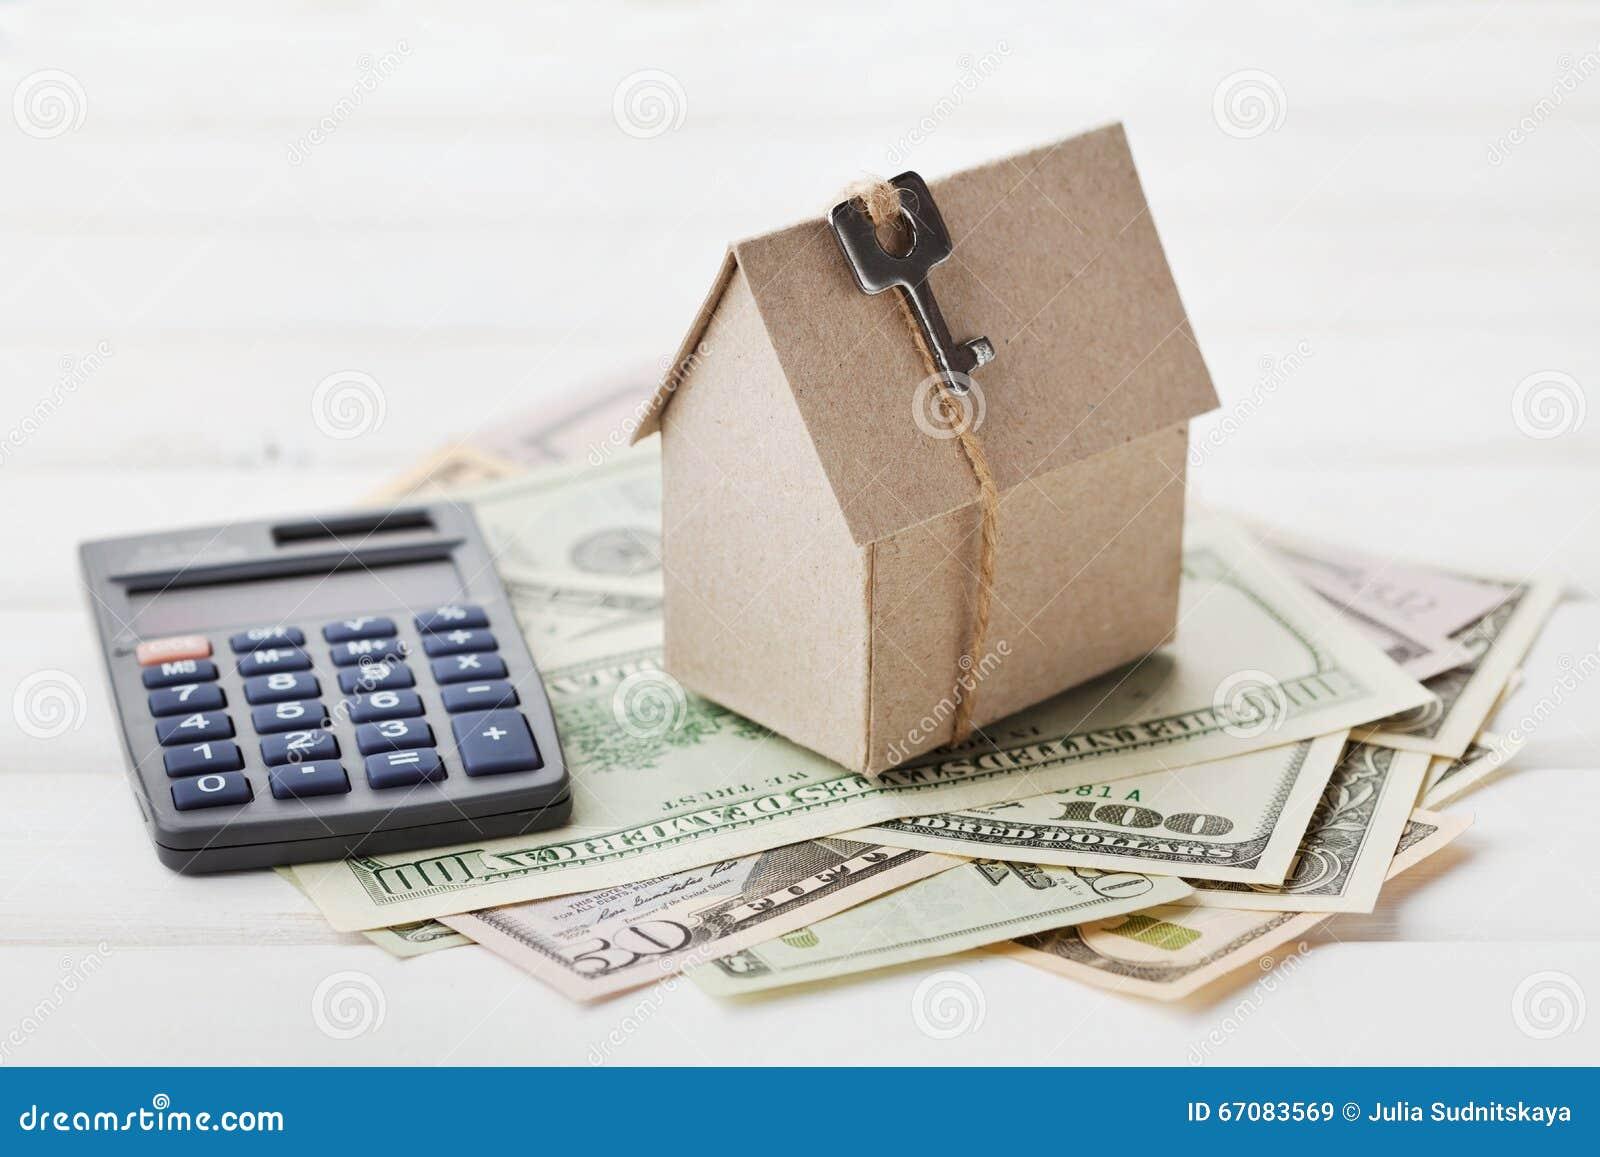 Модель дома картона с ключом, доллары калькулятора и наличных денег Жилищное строительство, заем, недвижимость Цена коммунальных